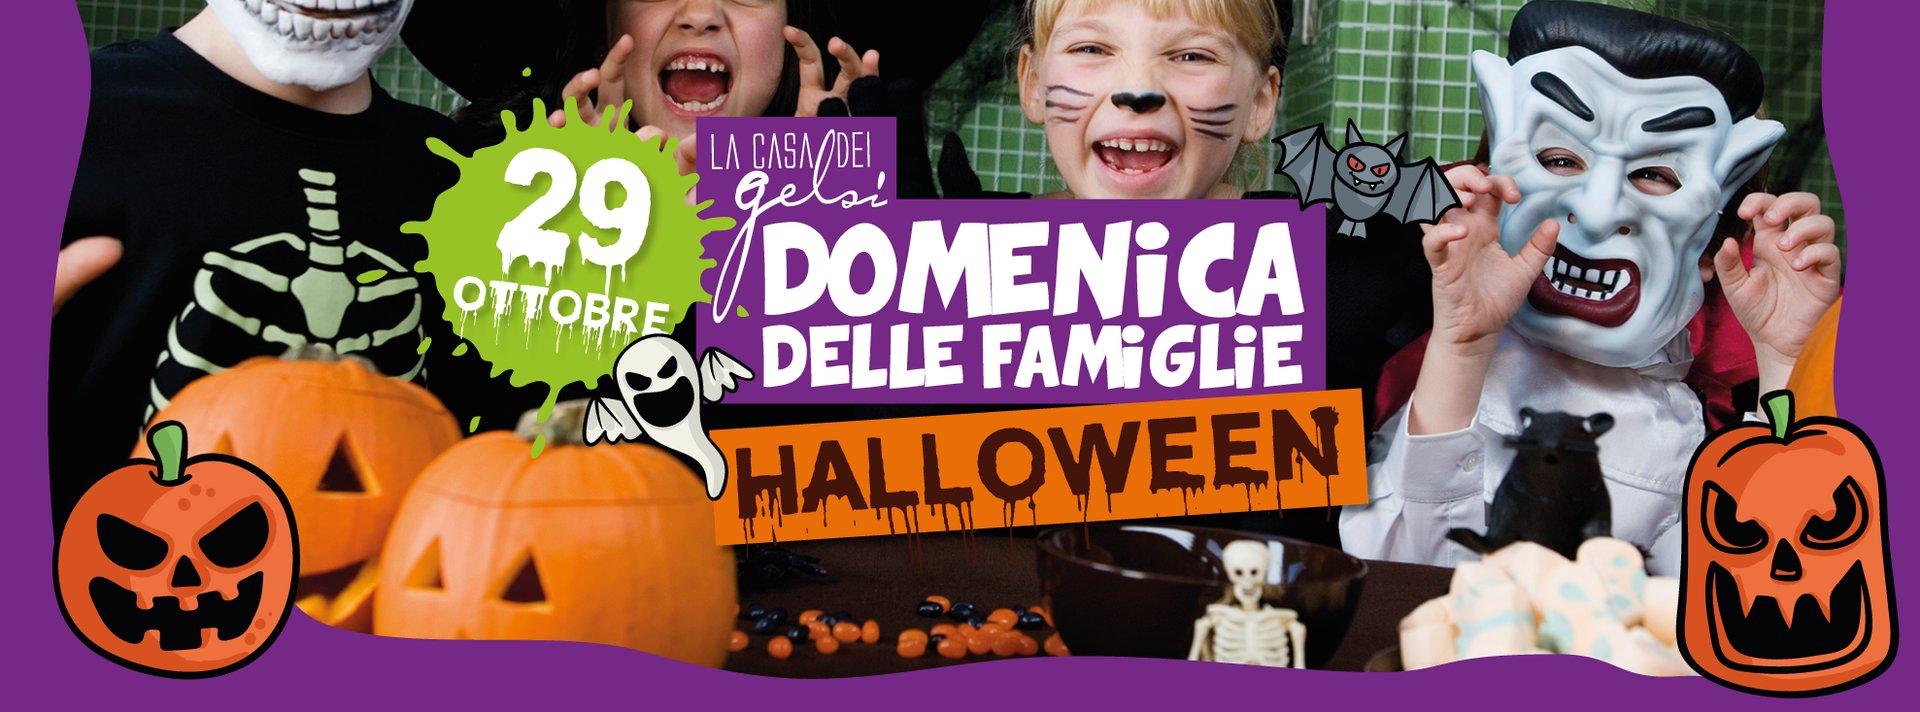 Halloween -Domenica delle famiglie - 29 ottobre 20